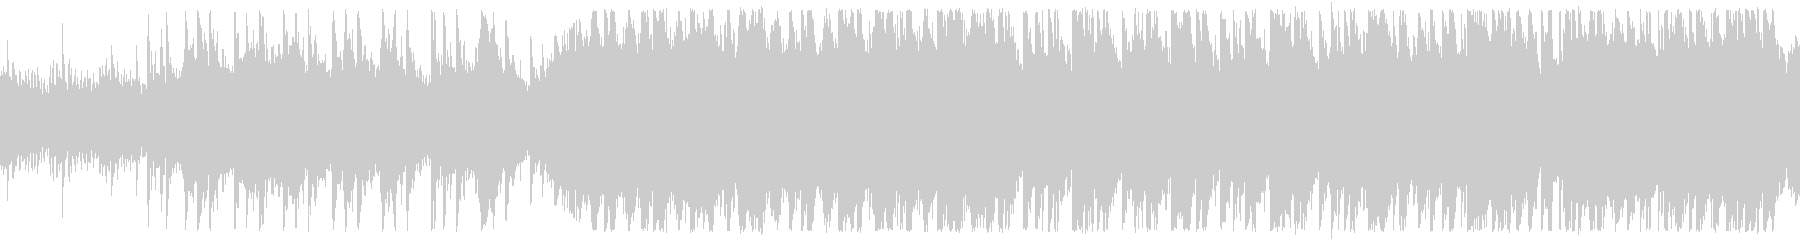 古い館ポルターガイストホラー ループ仕様の未再生の波形